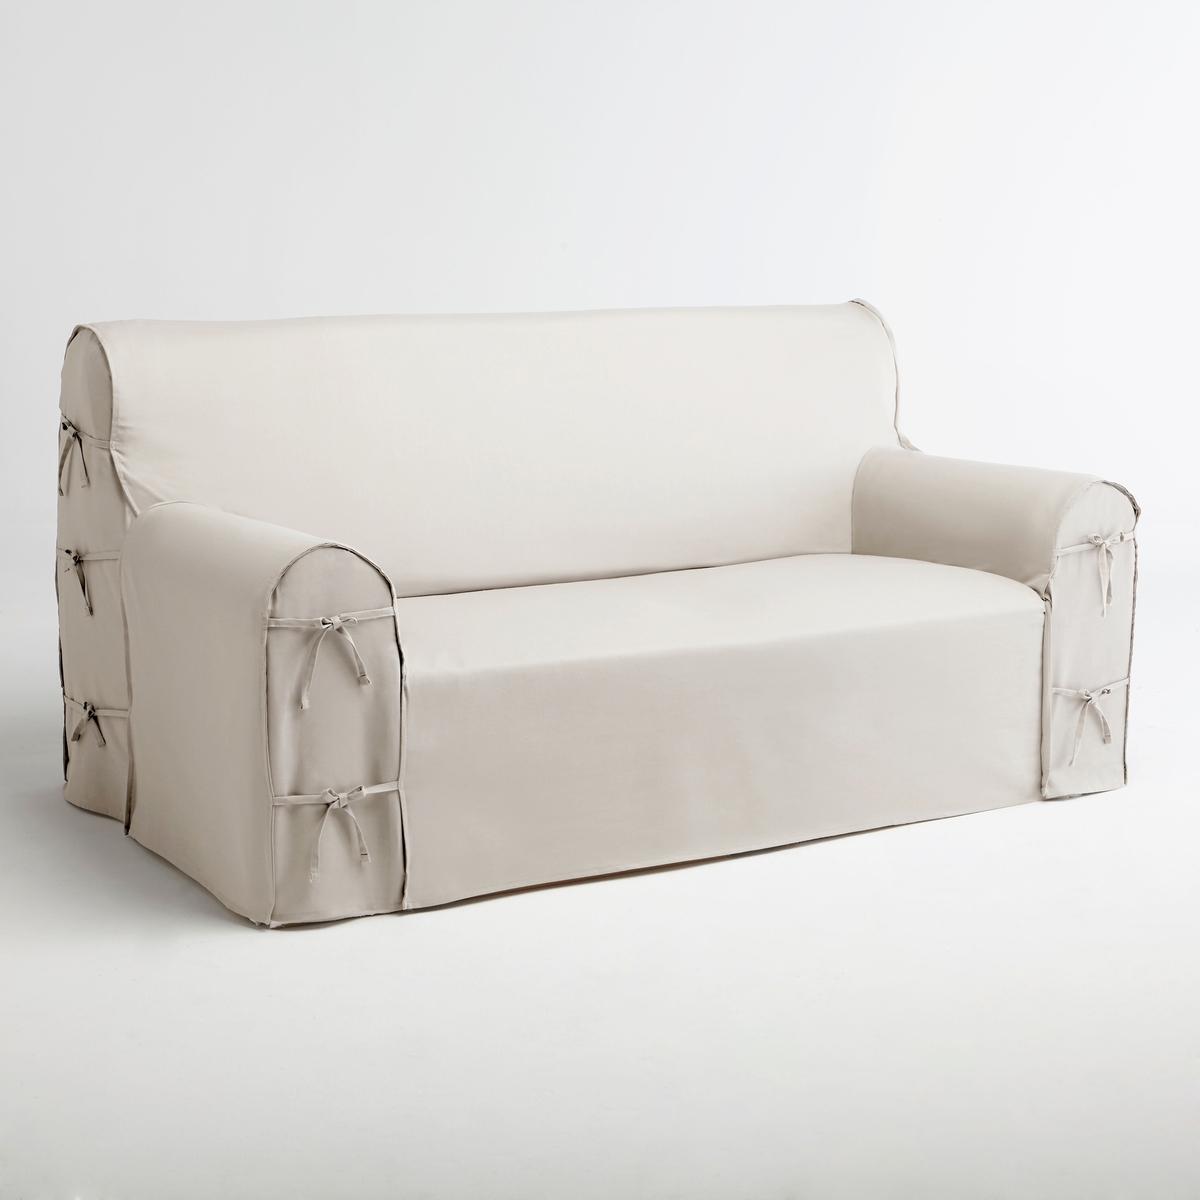 Чехол для диванаХарактеристики чехла для дивана:Практичный чехол для дивана, регулируется завязками. Красивая плотная ткань, 100% хлопок (220 г/м?).Обработка против пятен.Простой уход : стирка при 40°, превосходная стойкость цвета.Размеры чехла для дивана:Общая высота: 102 см.Глубина сиденья: 60 см.Высота : подлокотник 66 см.3 модели на выбор : - 2-местн. : шир.142 см макс.,- 2-3 местн. : шир. 180 см макс.,- 3-местн. : шир. 206 см макс..Сверьте размеры перед заказом !Качество VALEUR S?RE.Сертфикат Oeko-Tex® дает гарантию того, что товары изготовлены без применения химических средств и не представляют опасности для здоровья человека  .<br><br>Цвет: антрацит,белый,медовый,облачно-серый,рубиново-красный,серо-коричневый каштан,сине-зеленый,синий индиго,сливовый,черный,экрю<br>Размер: 2 места.3 местн..2 места.2 места.2/3 мест.3 местн..2/3 мест.2 места.2/3 мест